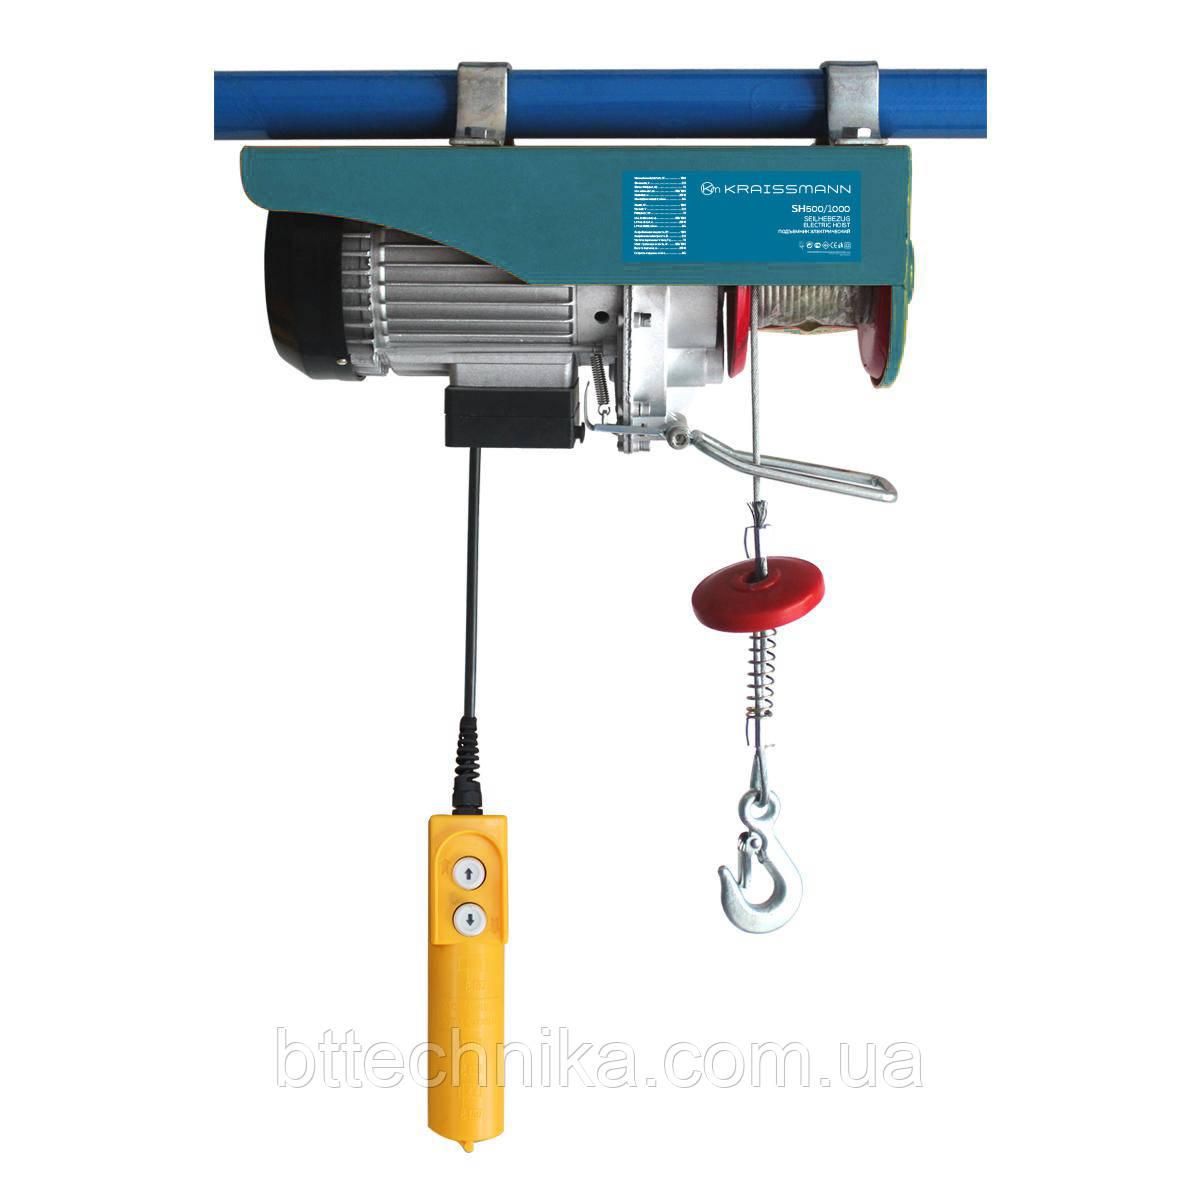 Електричний підйомник KRAISSMANN SH 300/600